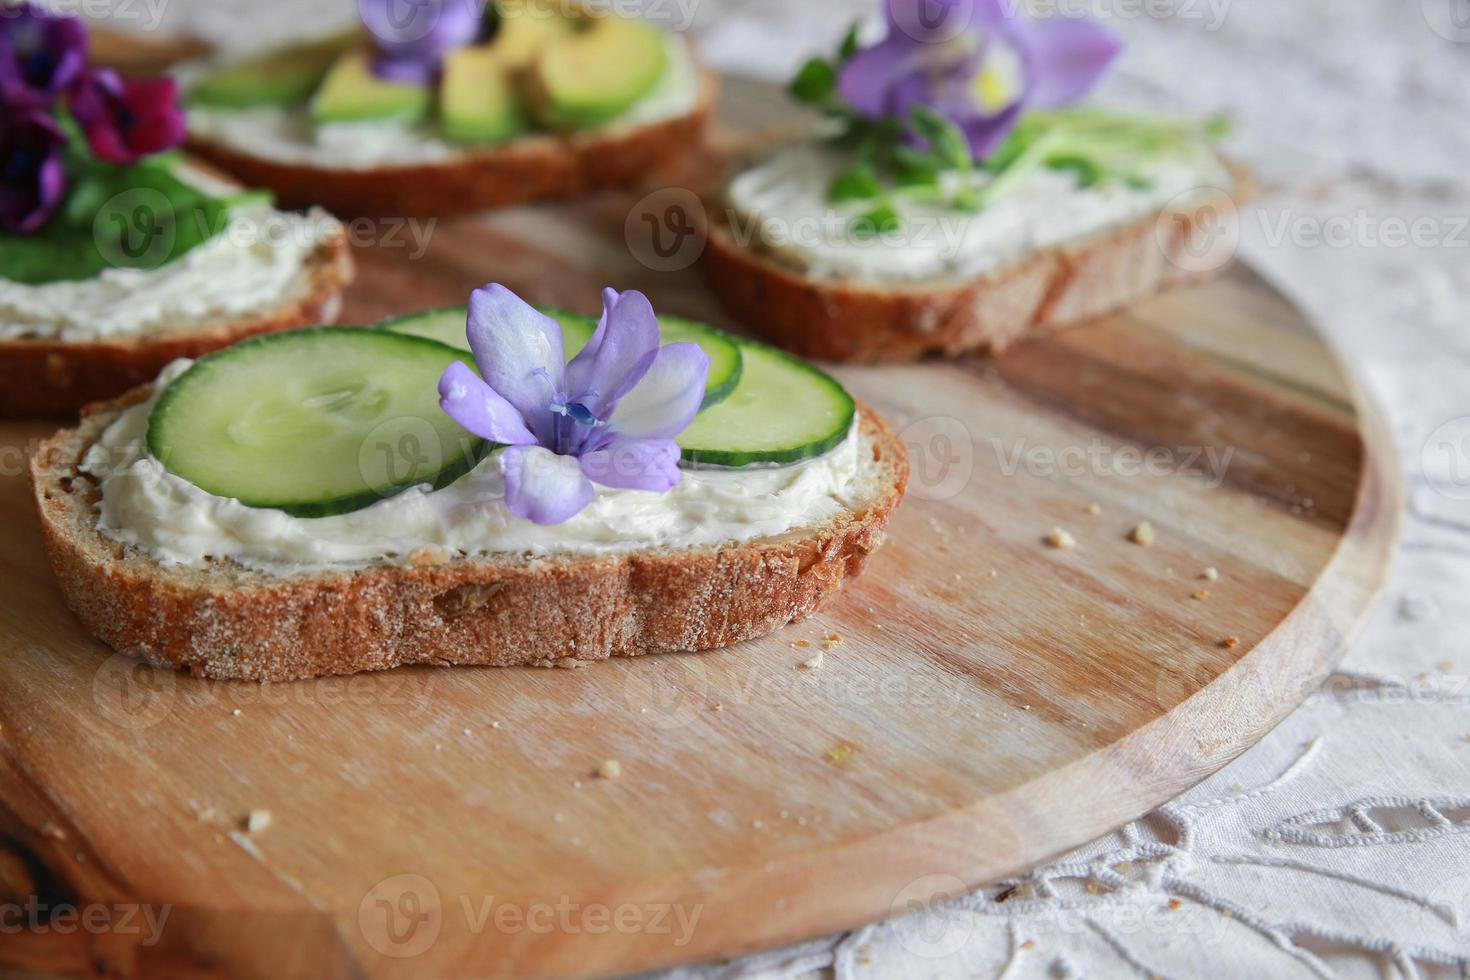 sanduíches de rosto aberto de fermento verde com flores comestíveis roxas foto